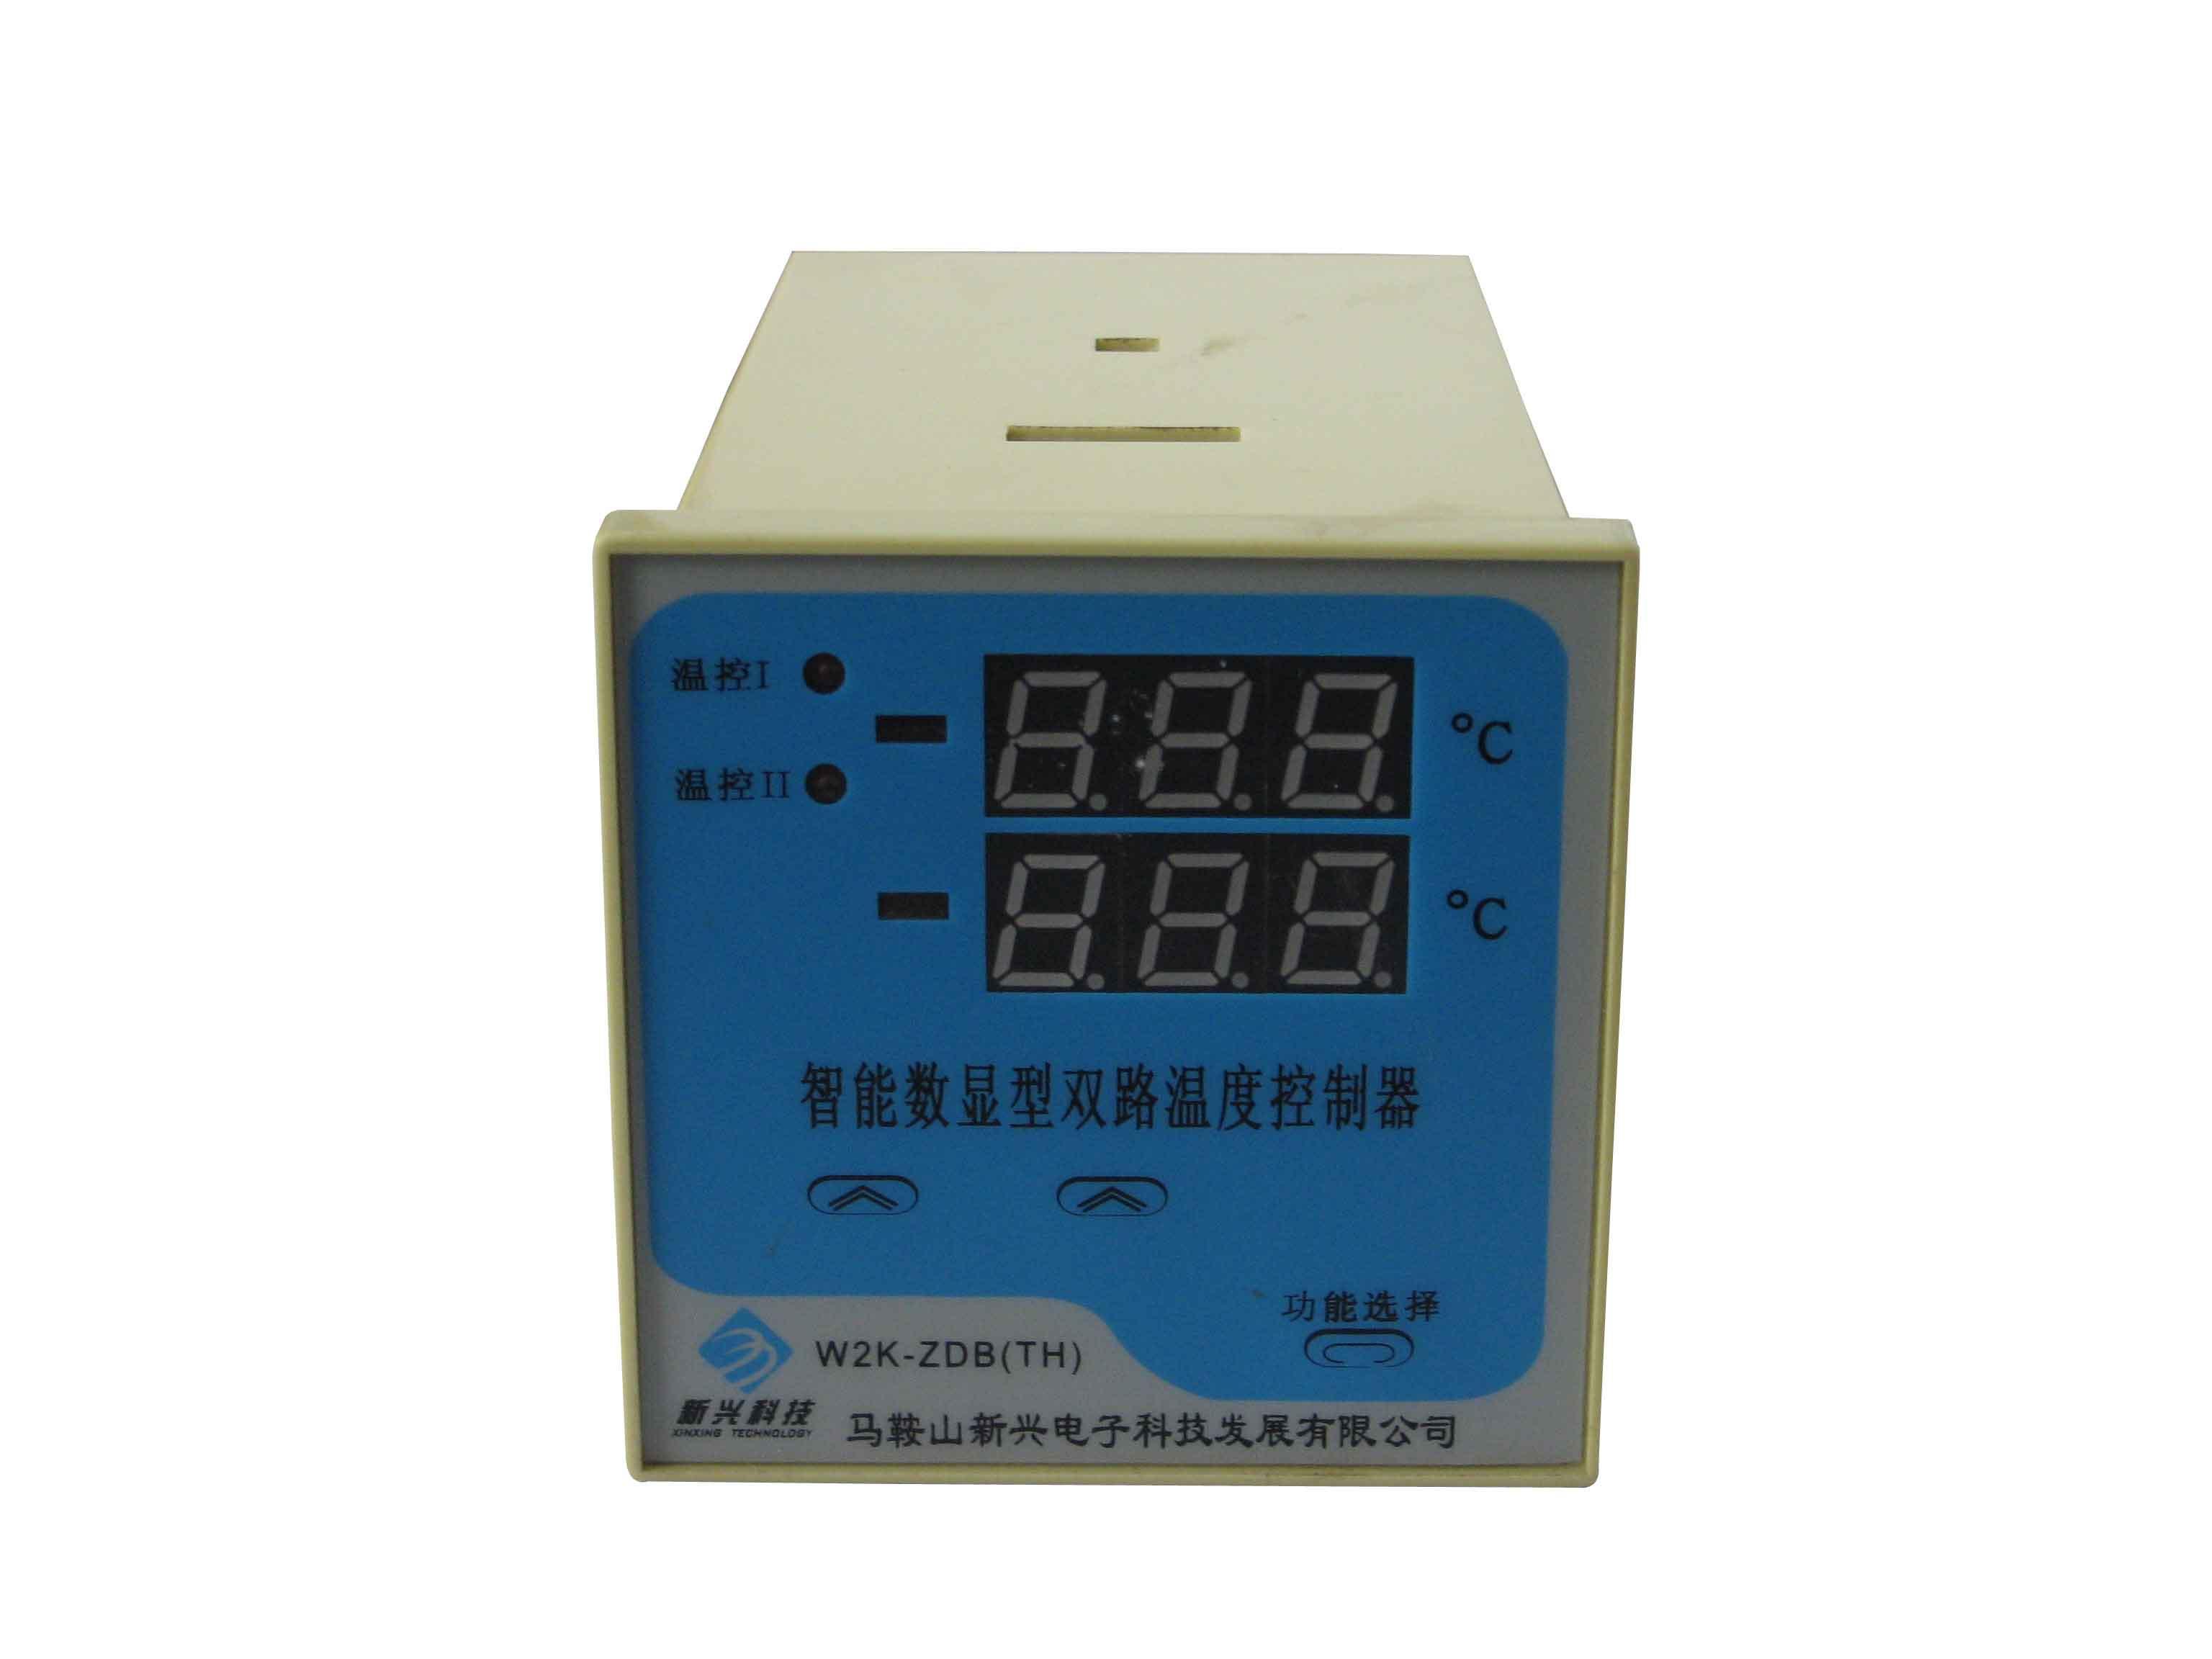 供应w2k-zdb(th)数显温度控制器